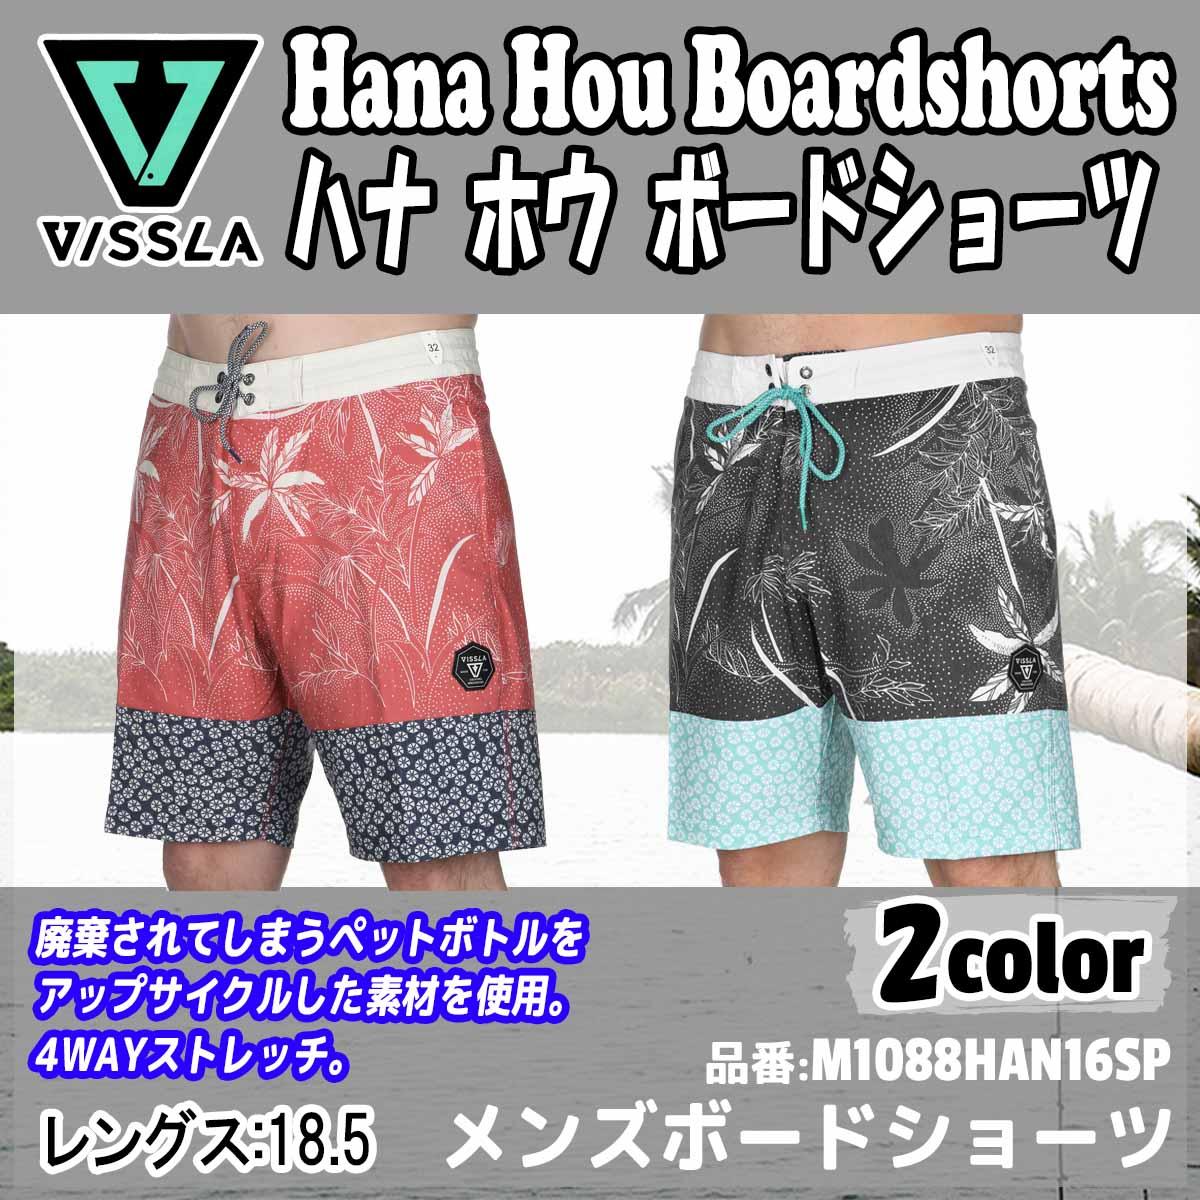 【日本 正規品 VISSLA(ヴィスラ)】品番:M1088HAN16SP Hana Hou Boardshorts ハナ ホウ ボードショーツ メンズ ボ-ドショ-ツ サーフトランクス